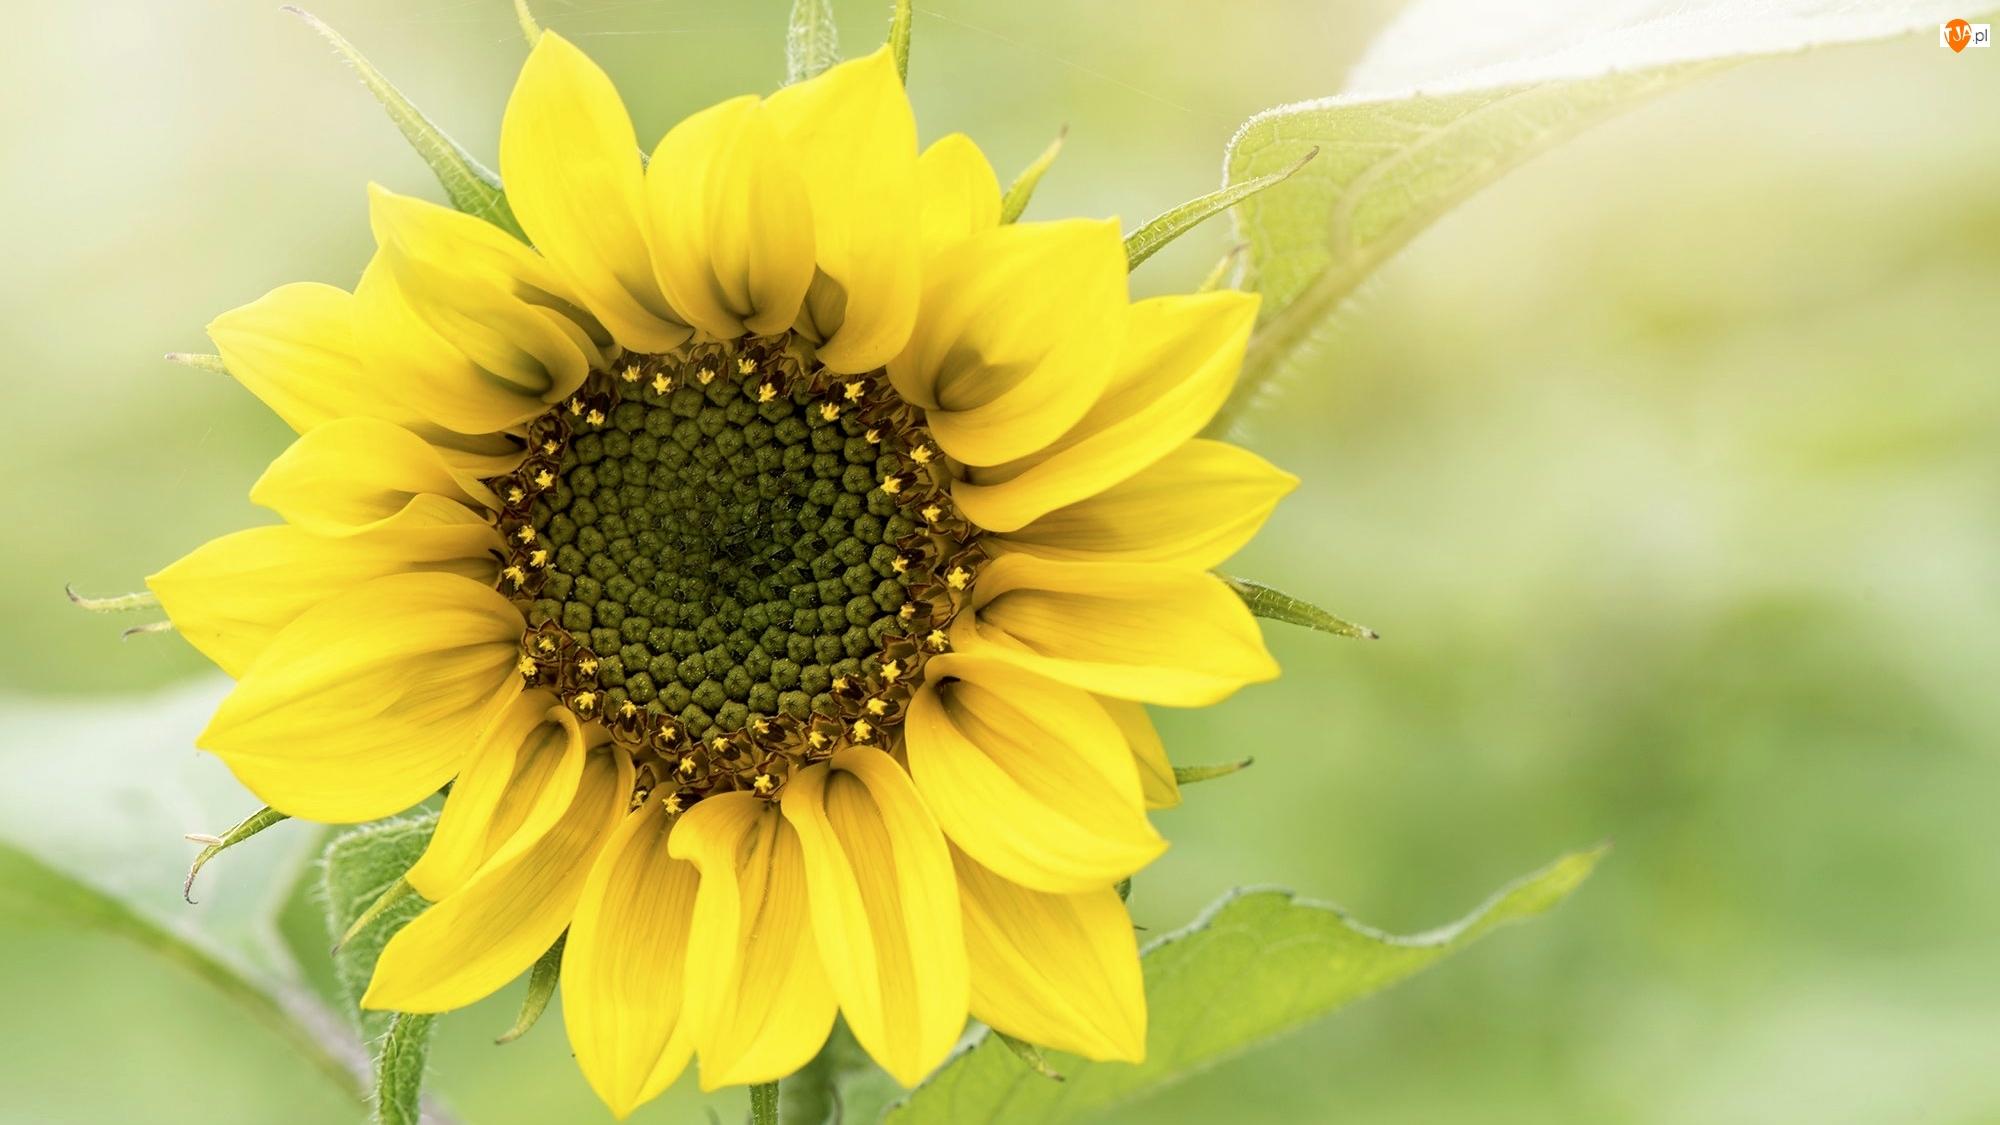 Zielone tło, Kwiat, Słonecznik, Zbliżenie